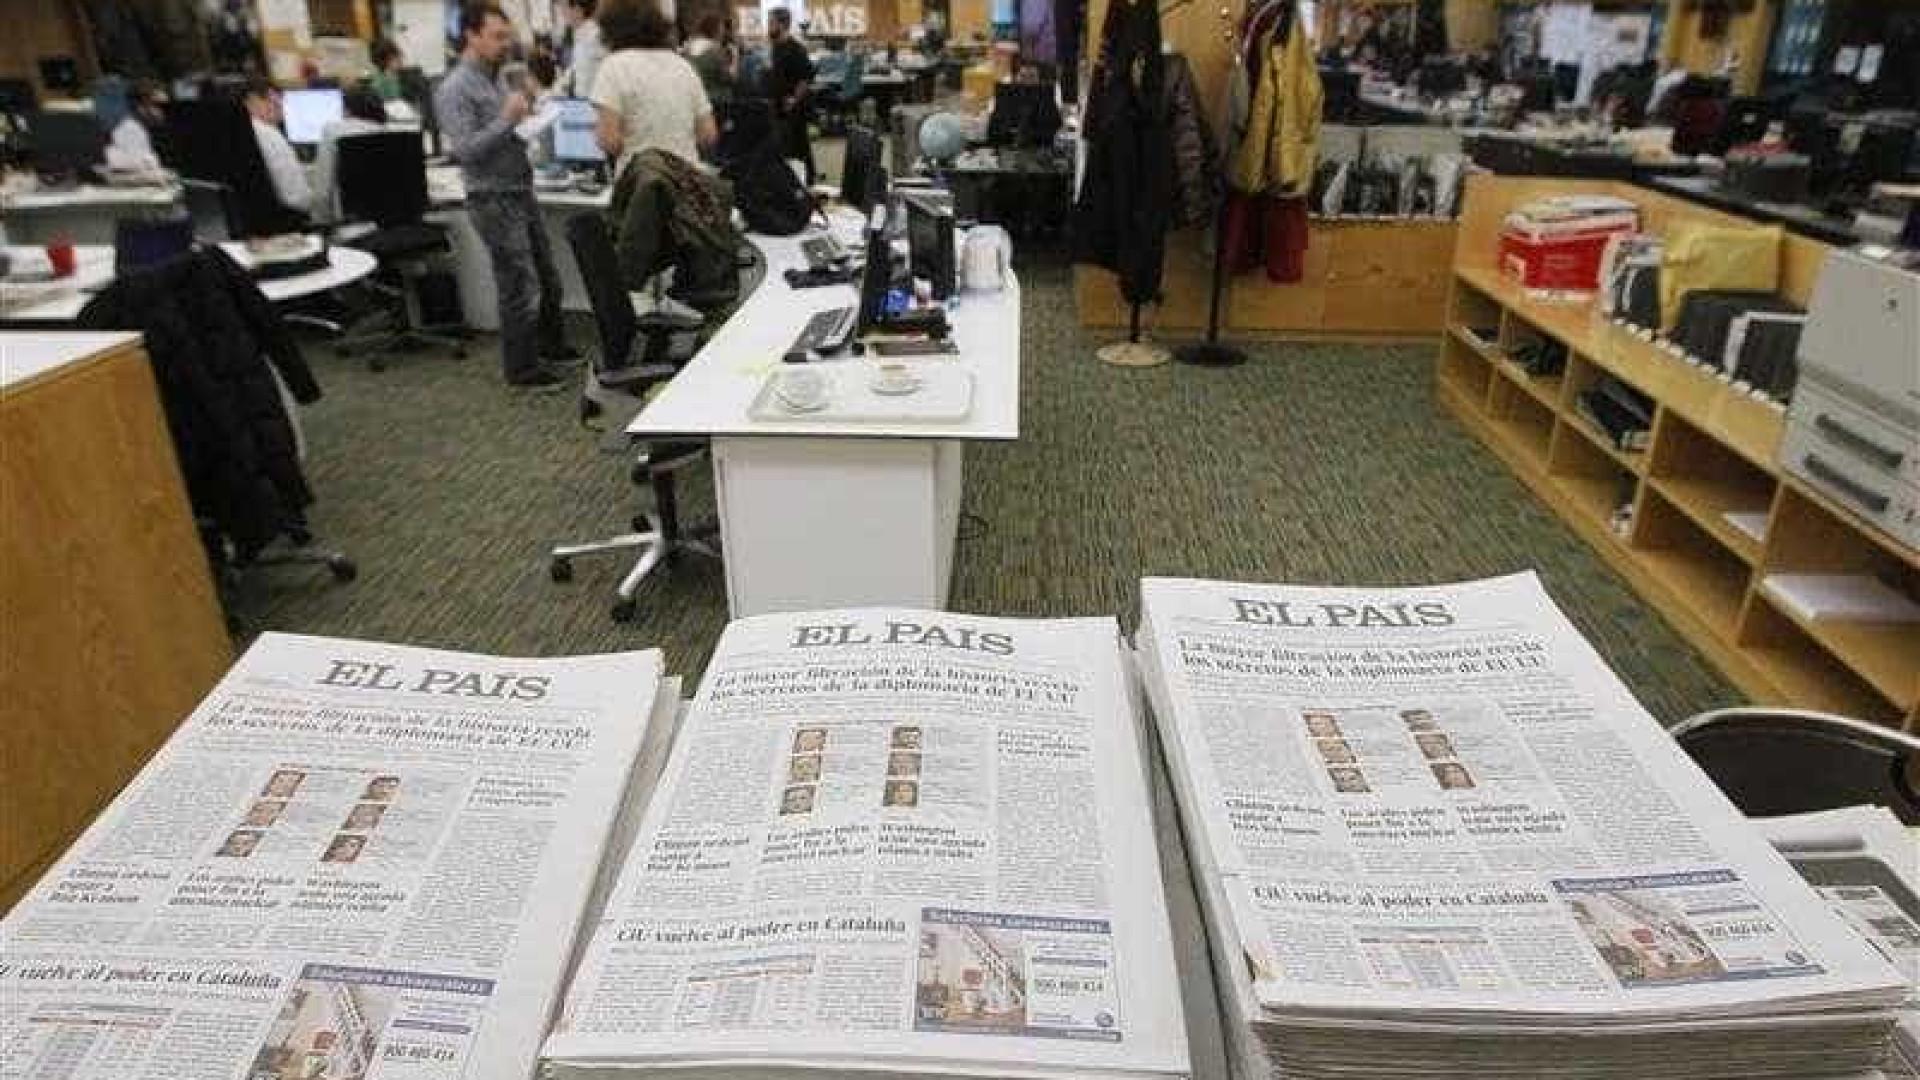 """El País diz que """"censura prévia"""" voltou a Portugal"""